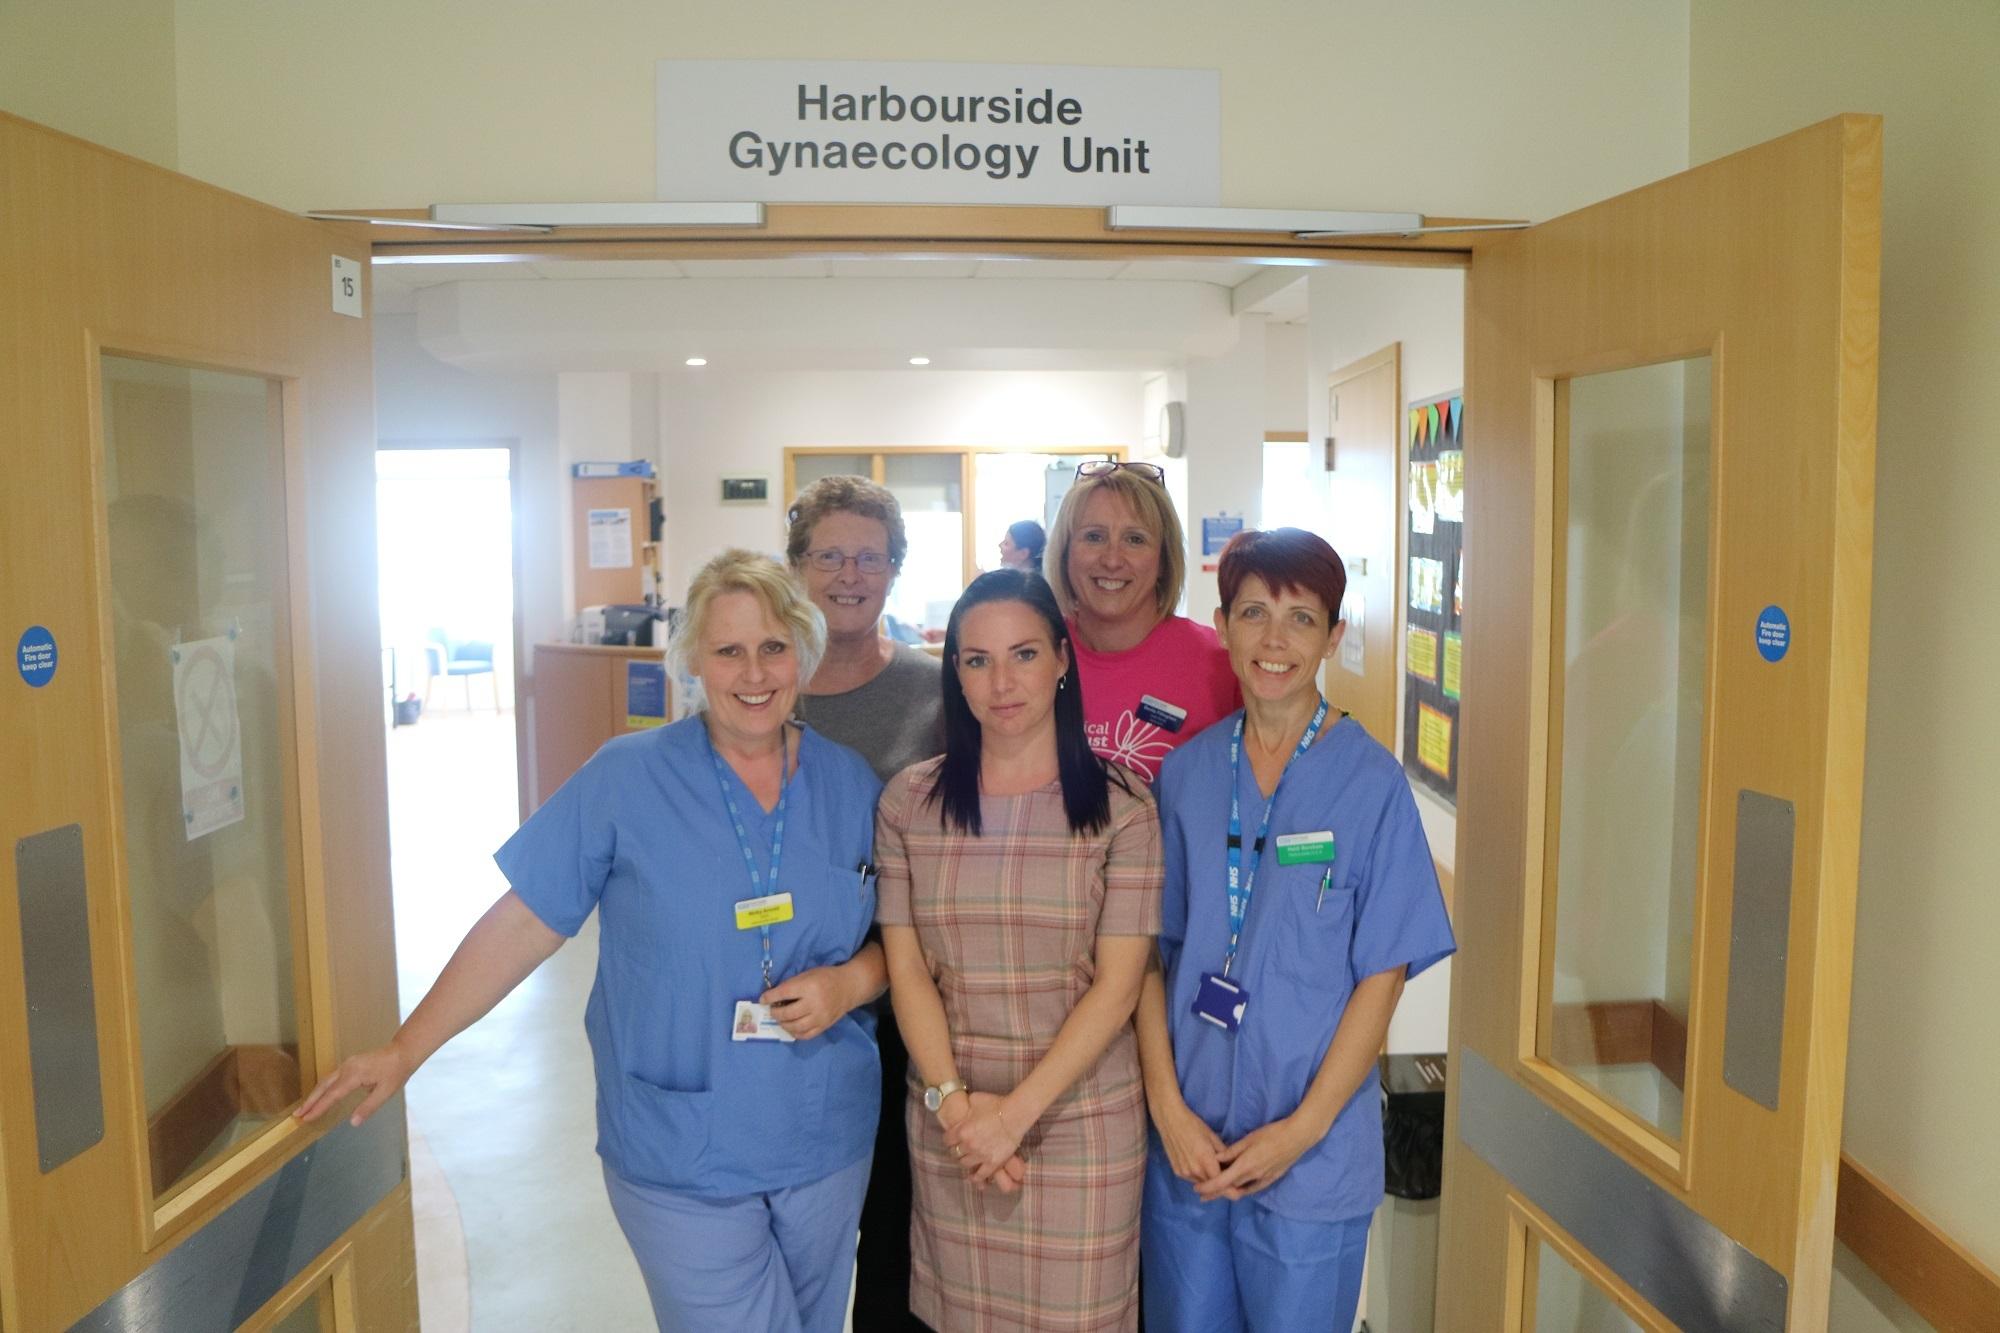 Poole Hospital's brilliant new idea to safeguard women's health